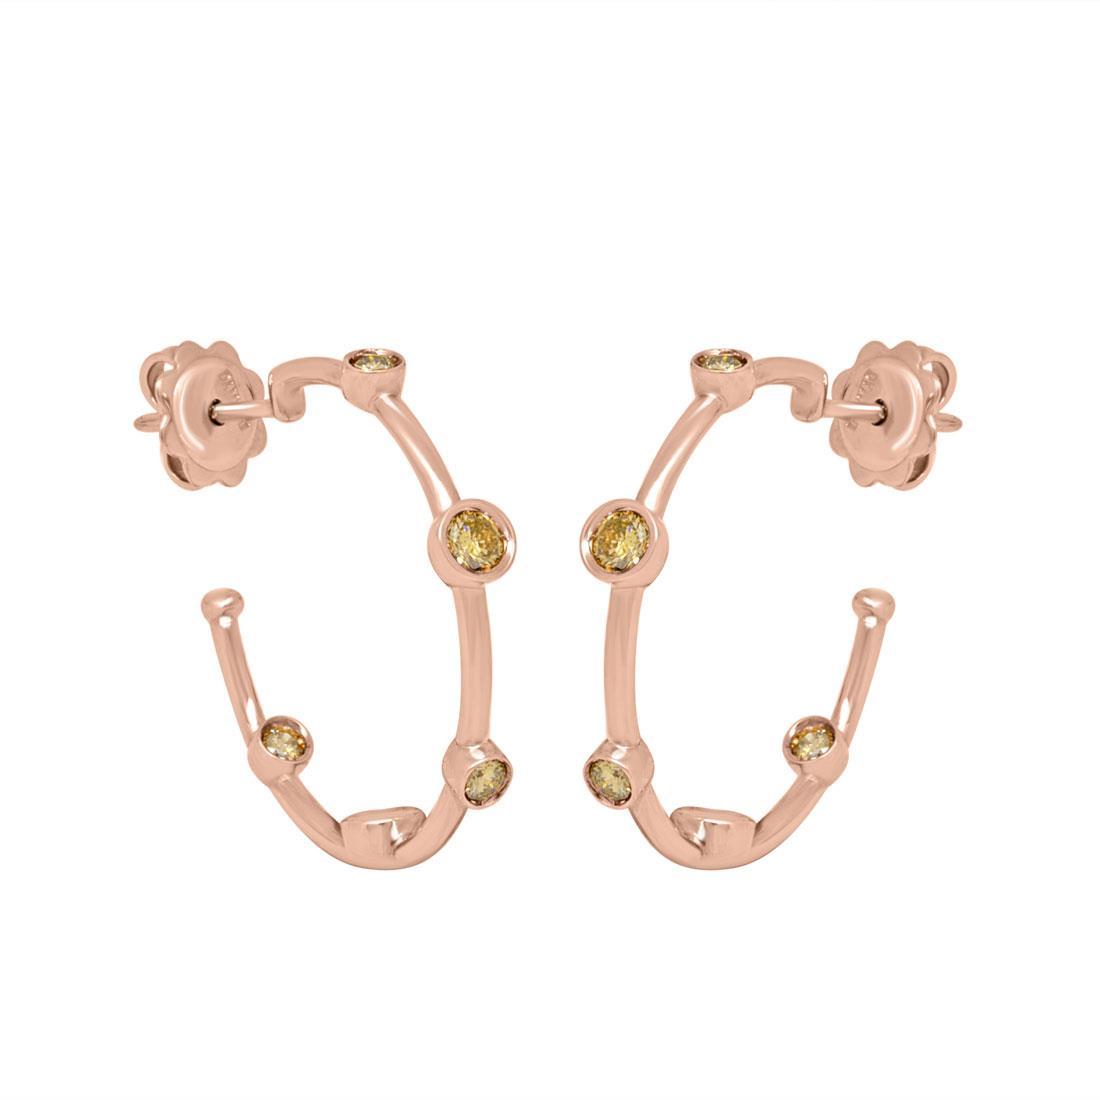 Orecchini in oro rosa e diamanti ct. 0,40 - DAMIANI